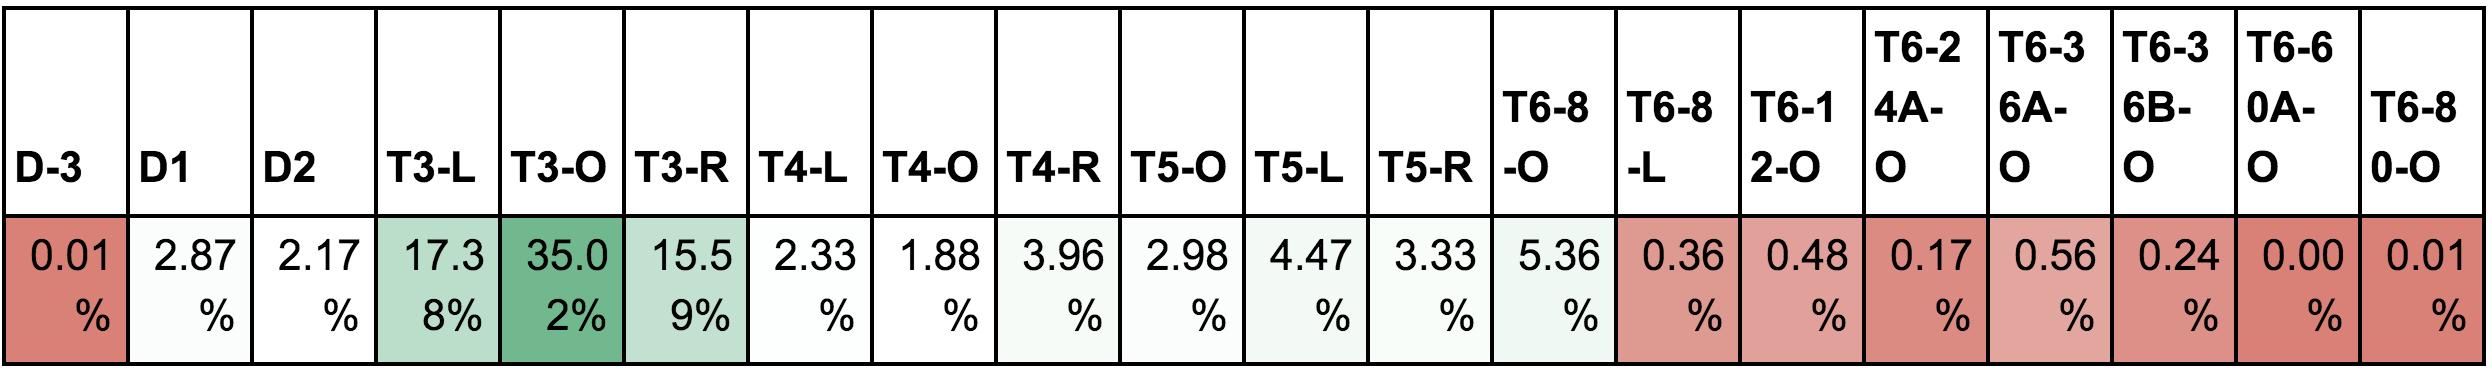 *percentage based on total existing land parcels